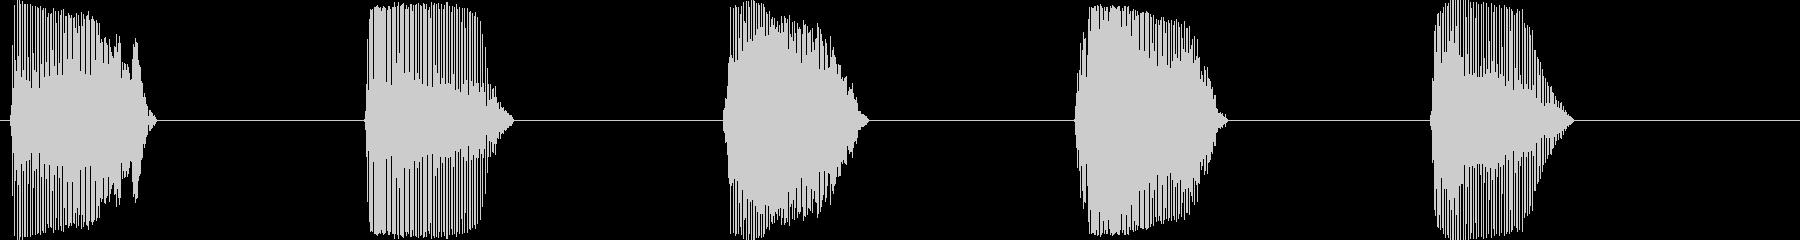 5.4.3.2.1(ロボ系)の未再生の波形